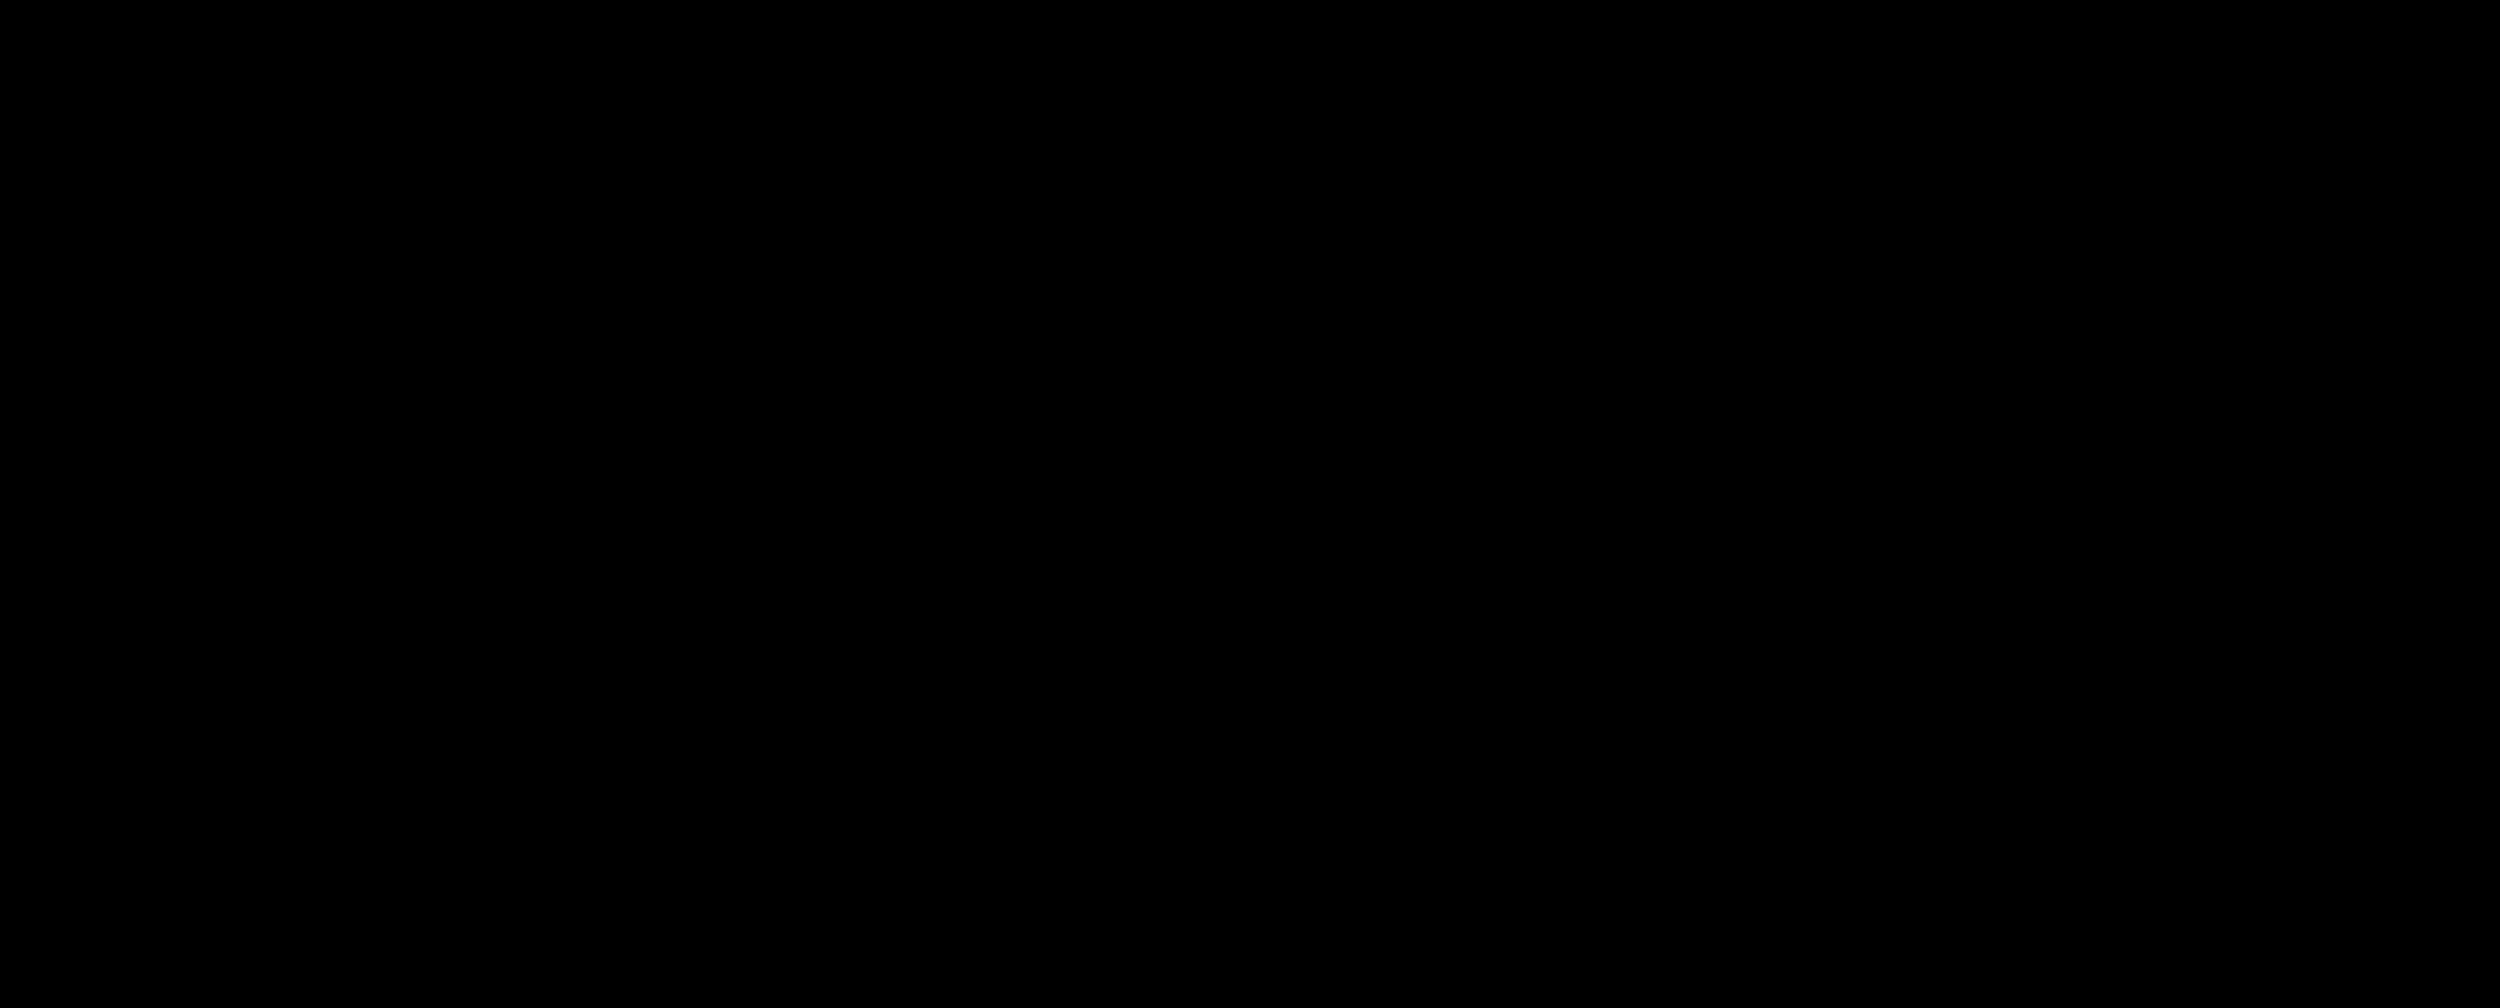 MadiWagner_Logos-01.png